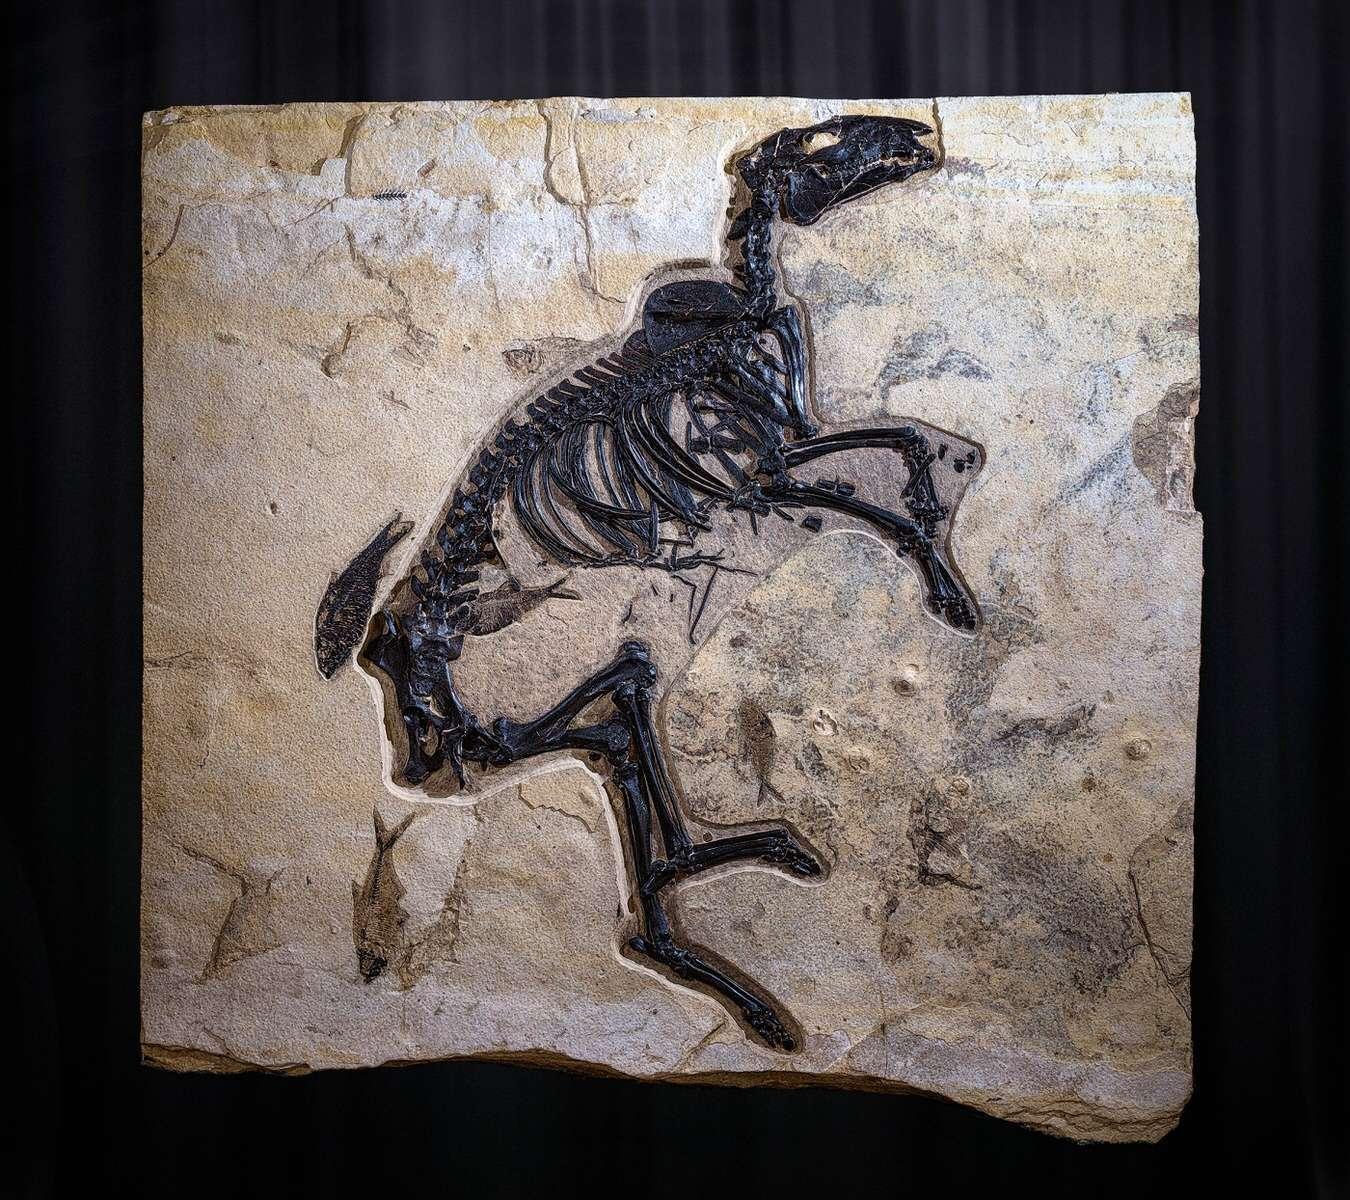 Ultra Rare Horse Fossil - Amazing Investment Calibre Specimen